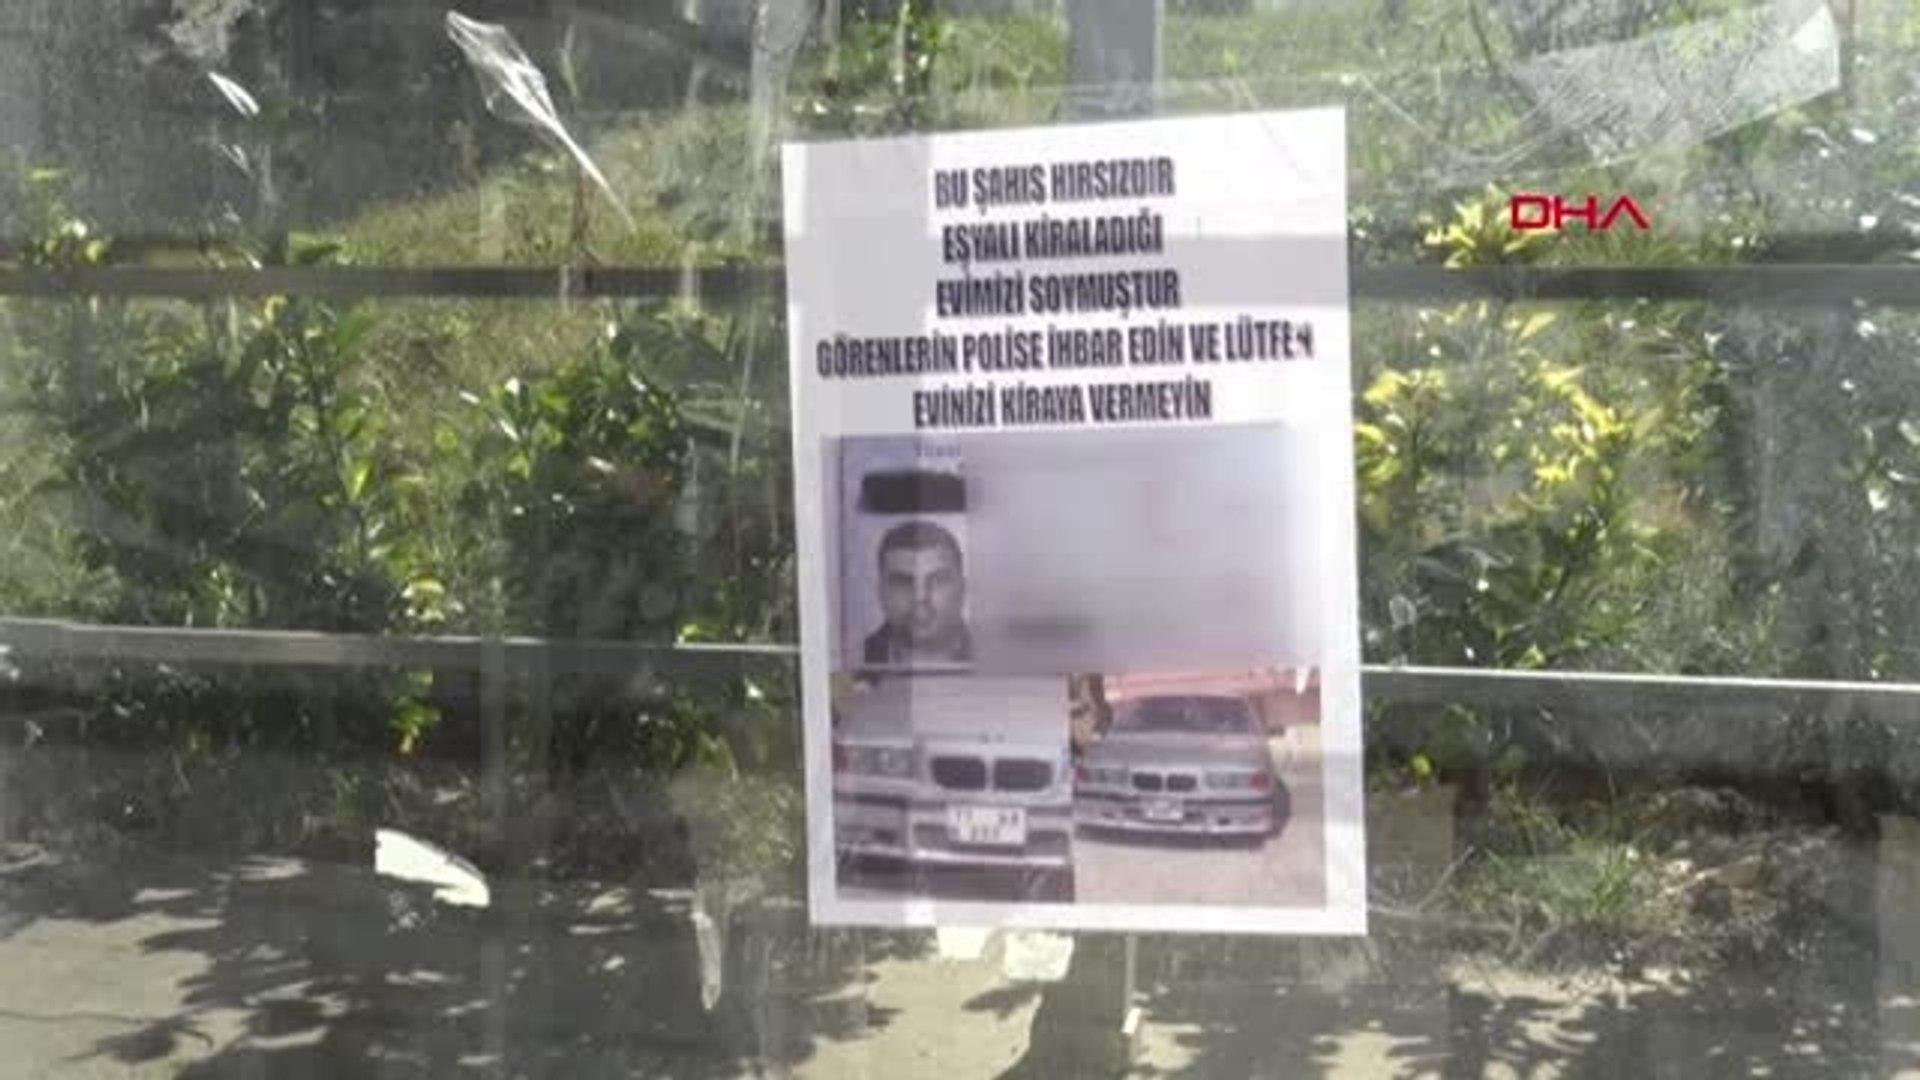 Bursa Eşyalı Evini Soyan Kiracısının Fotoğraflarını Afiş Yaparak İfşa Etti